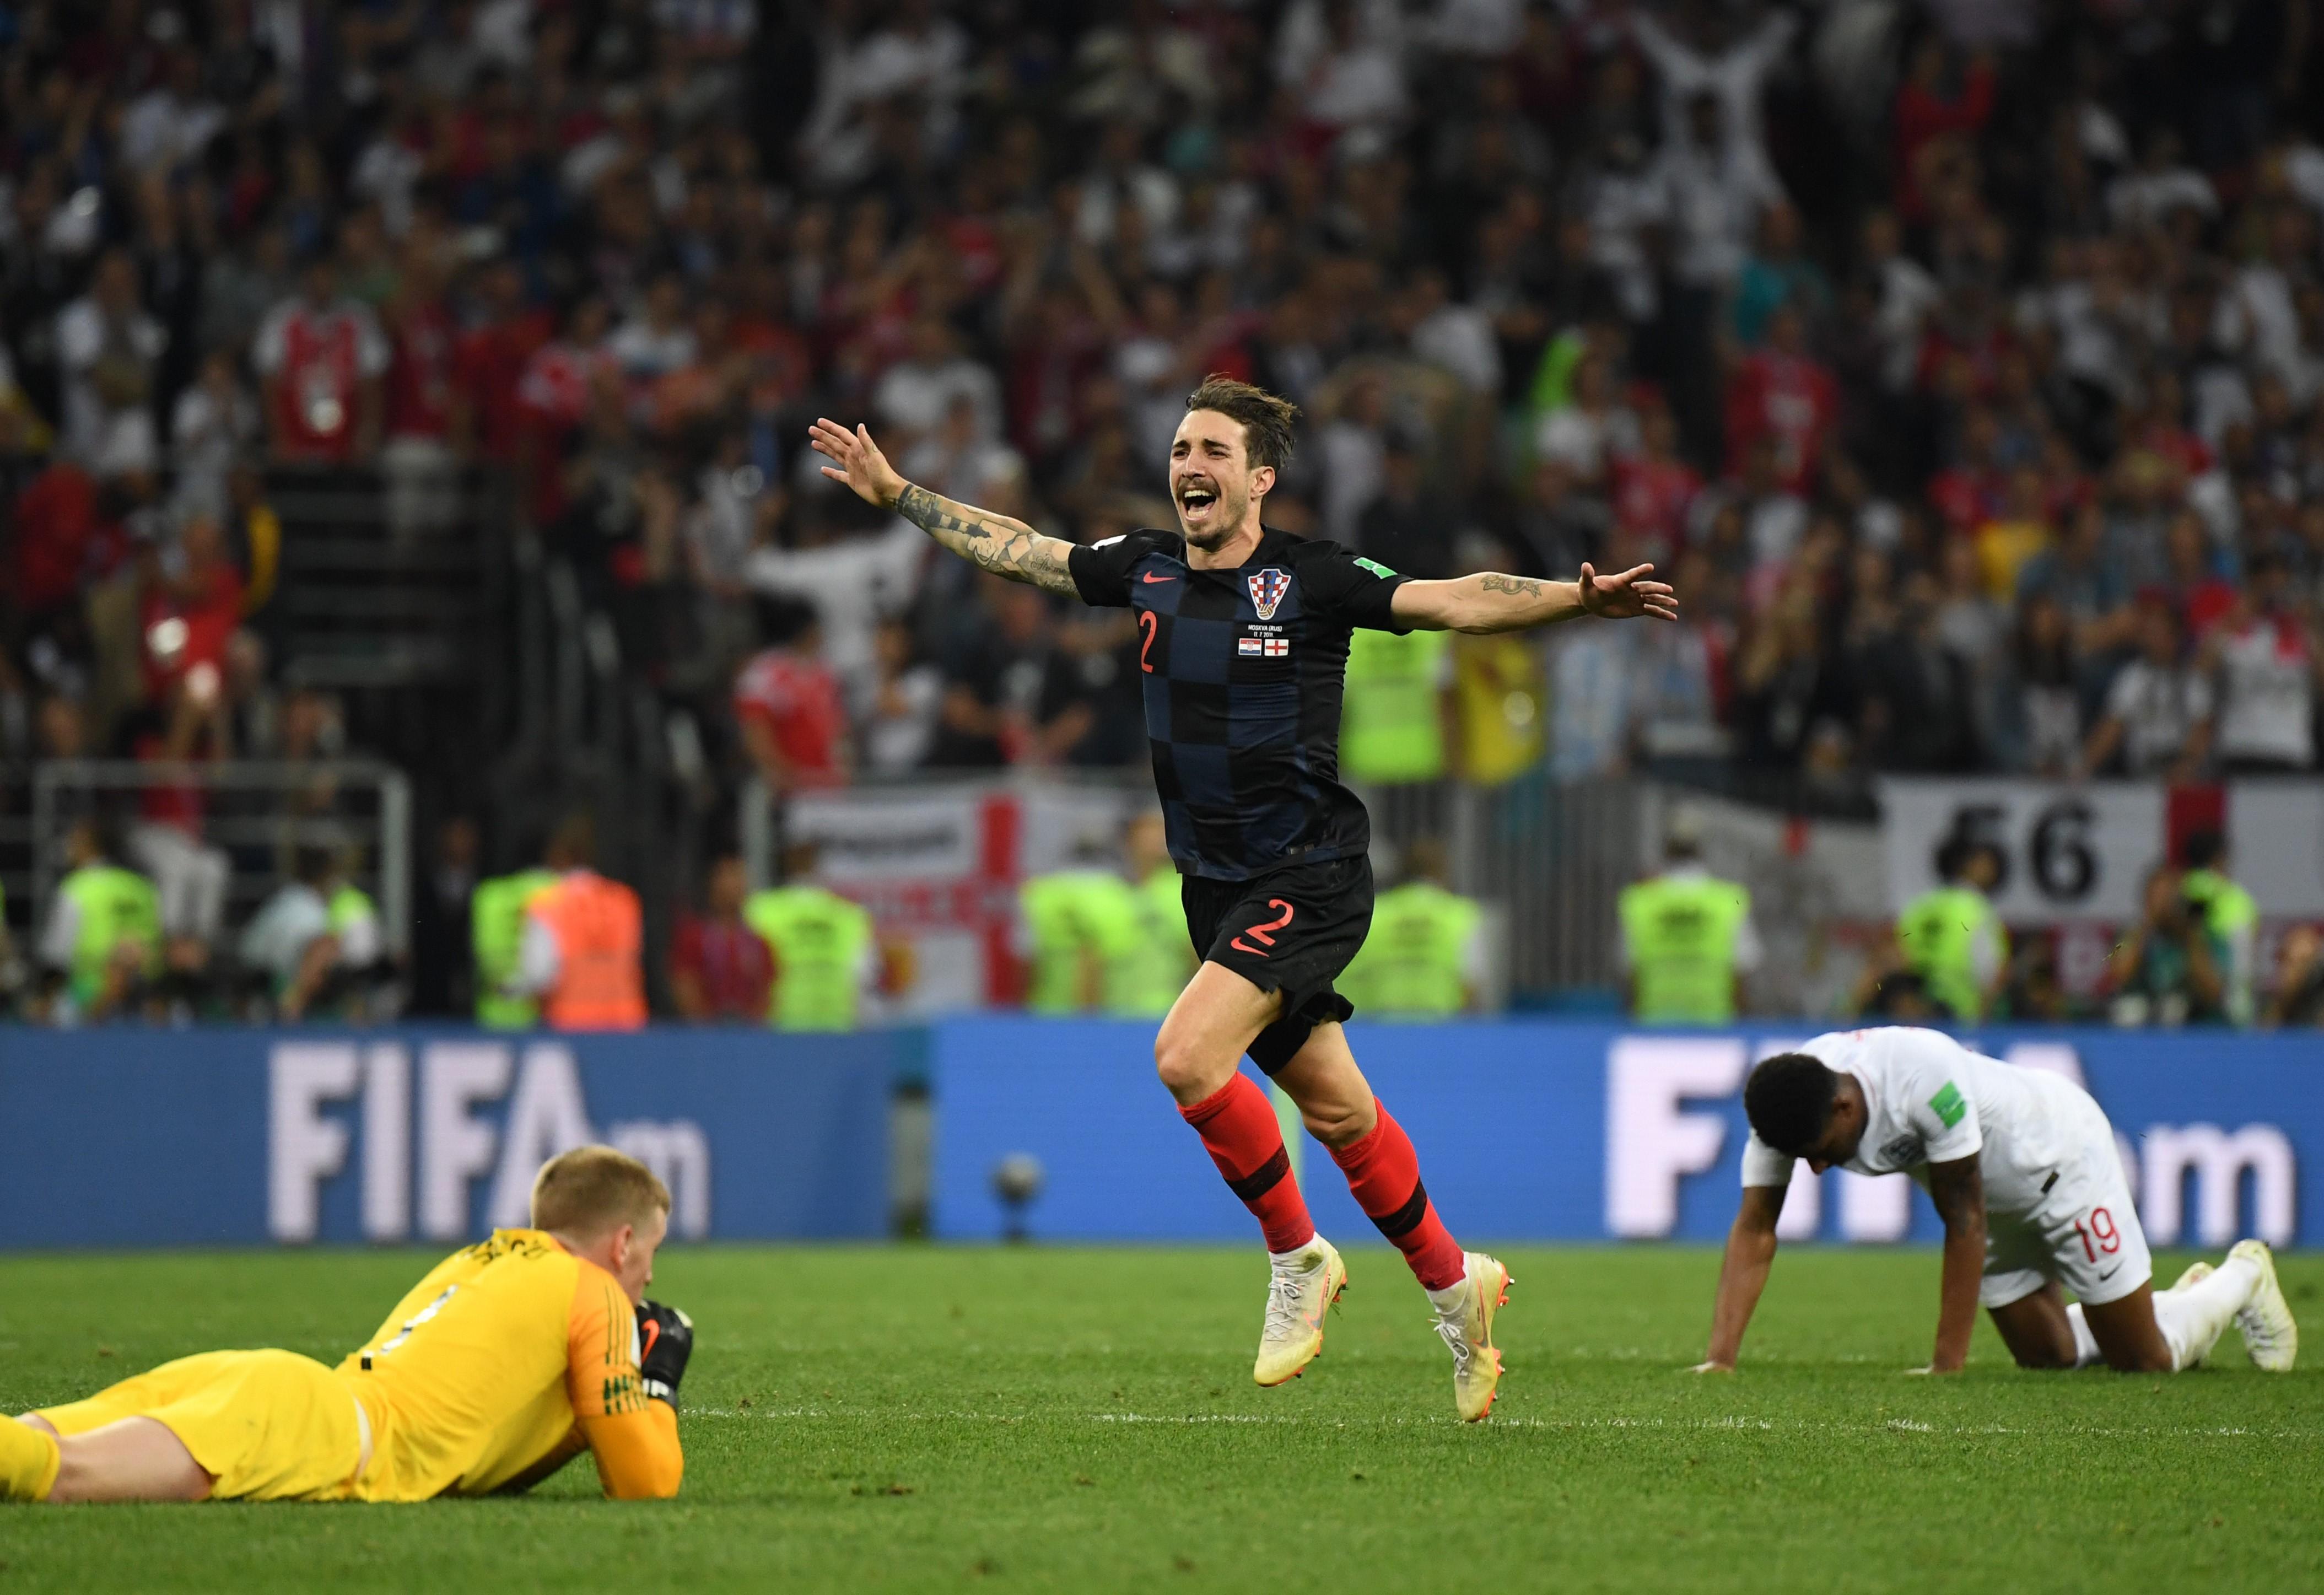 Sime Vrsaljko célèbre la qualification de la Croatie face à l'Angleterre